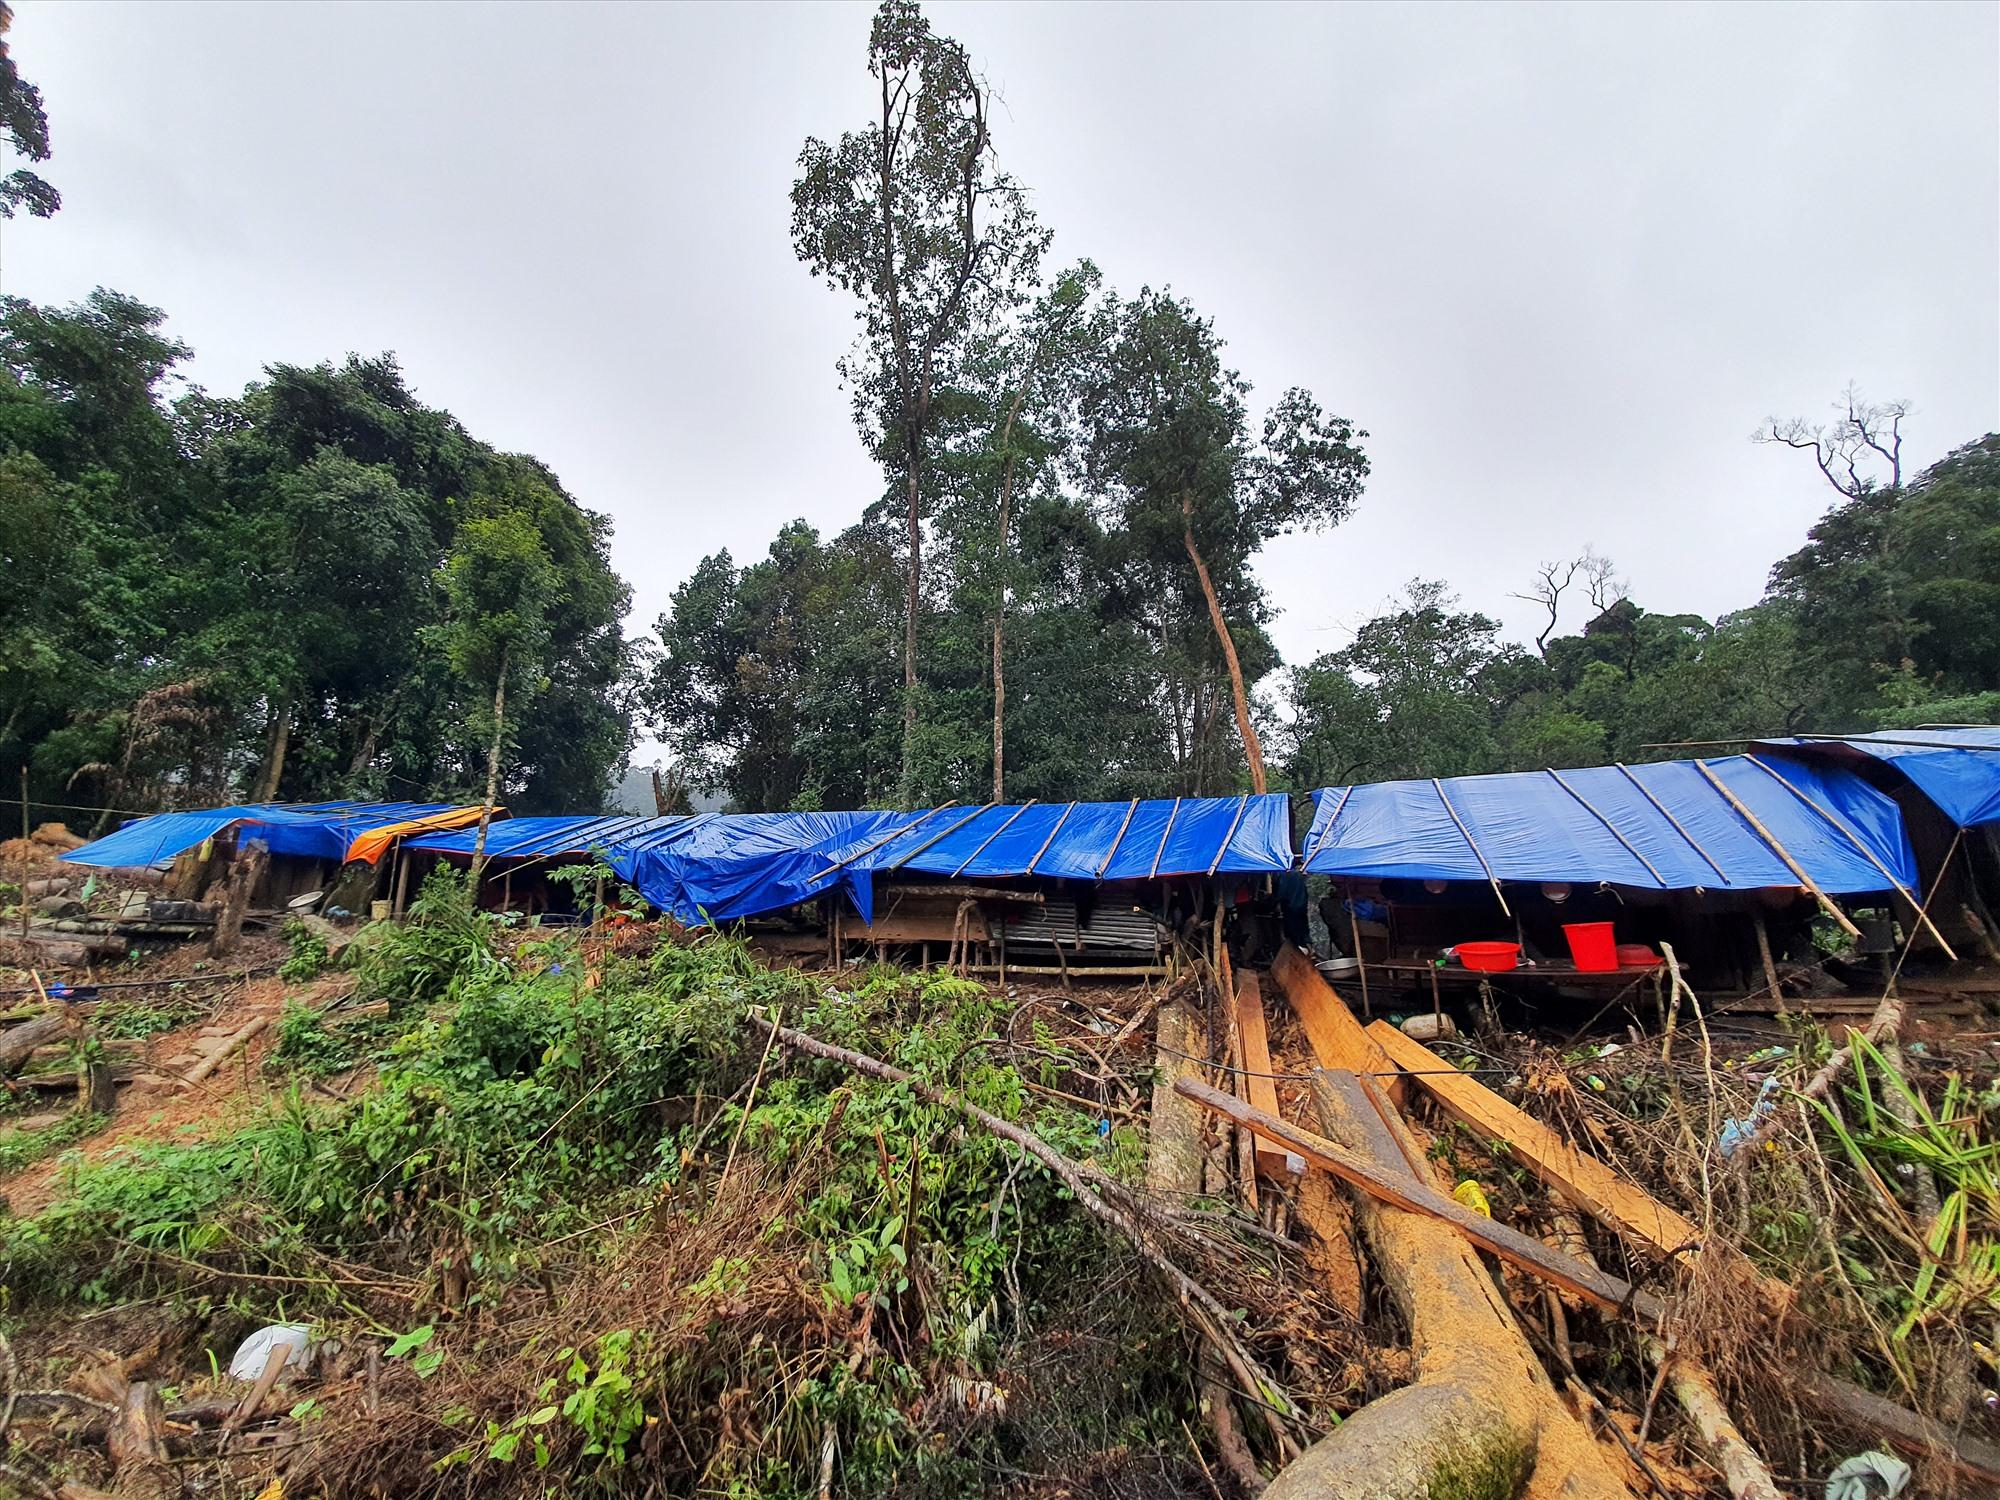 Chính quyền đã khẩn trương làm 3 dãy nhà tạm để bố trí nơi ở cho người dân thôn 6. Ảnh: T.C